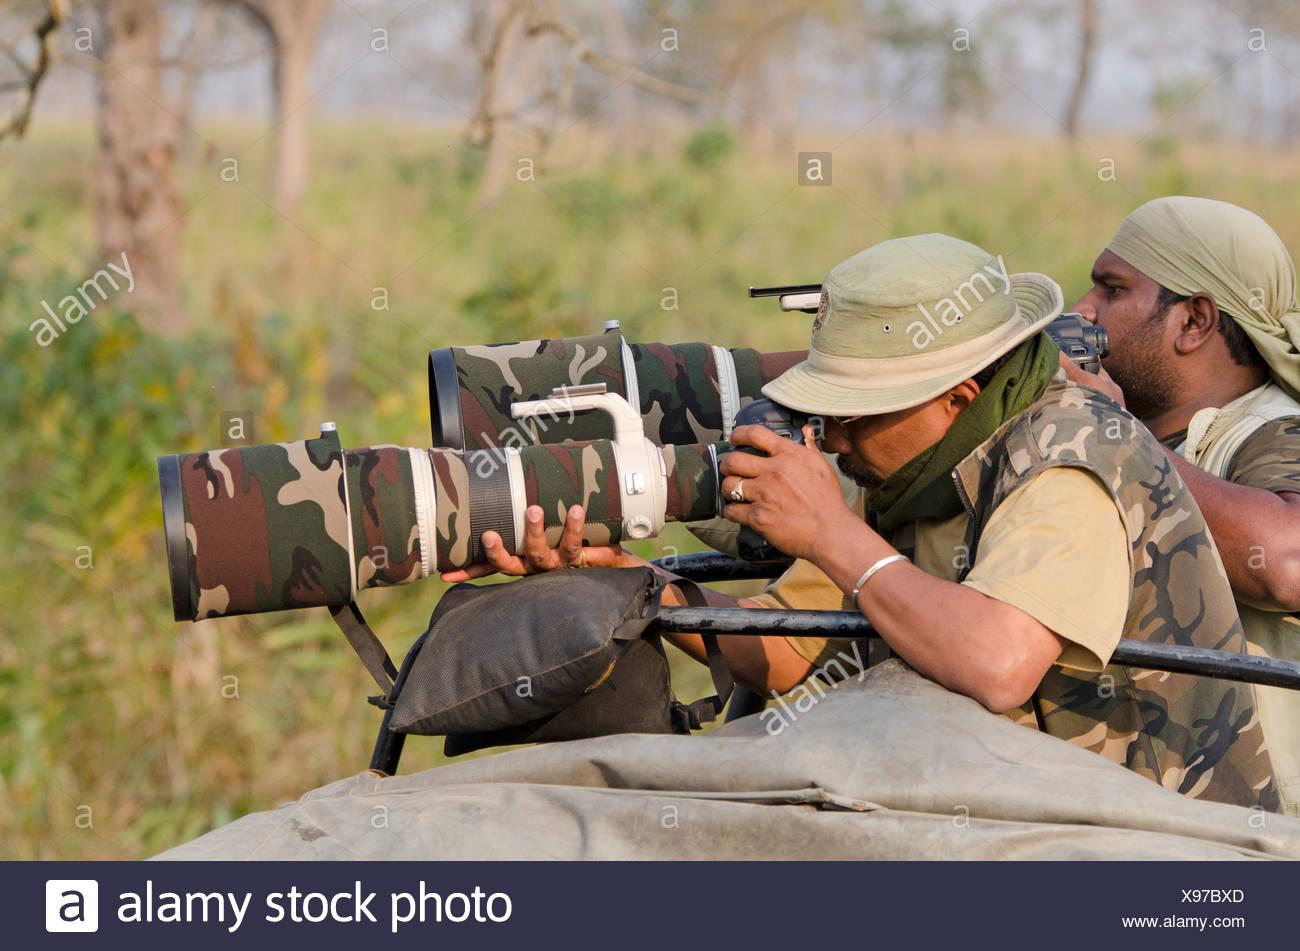 Indian wildlife photographers with telephoto lenses, Kaziranga National Park, Assam, Northeast India, India, Asia - Stock Image